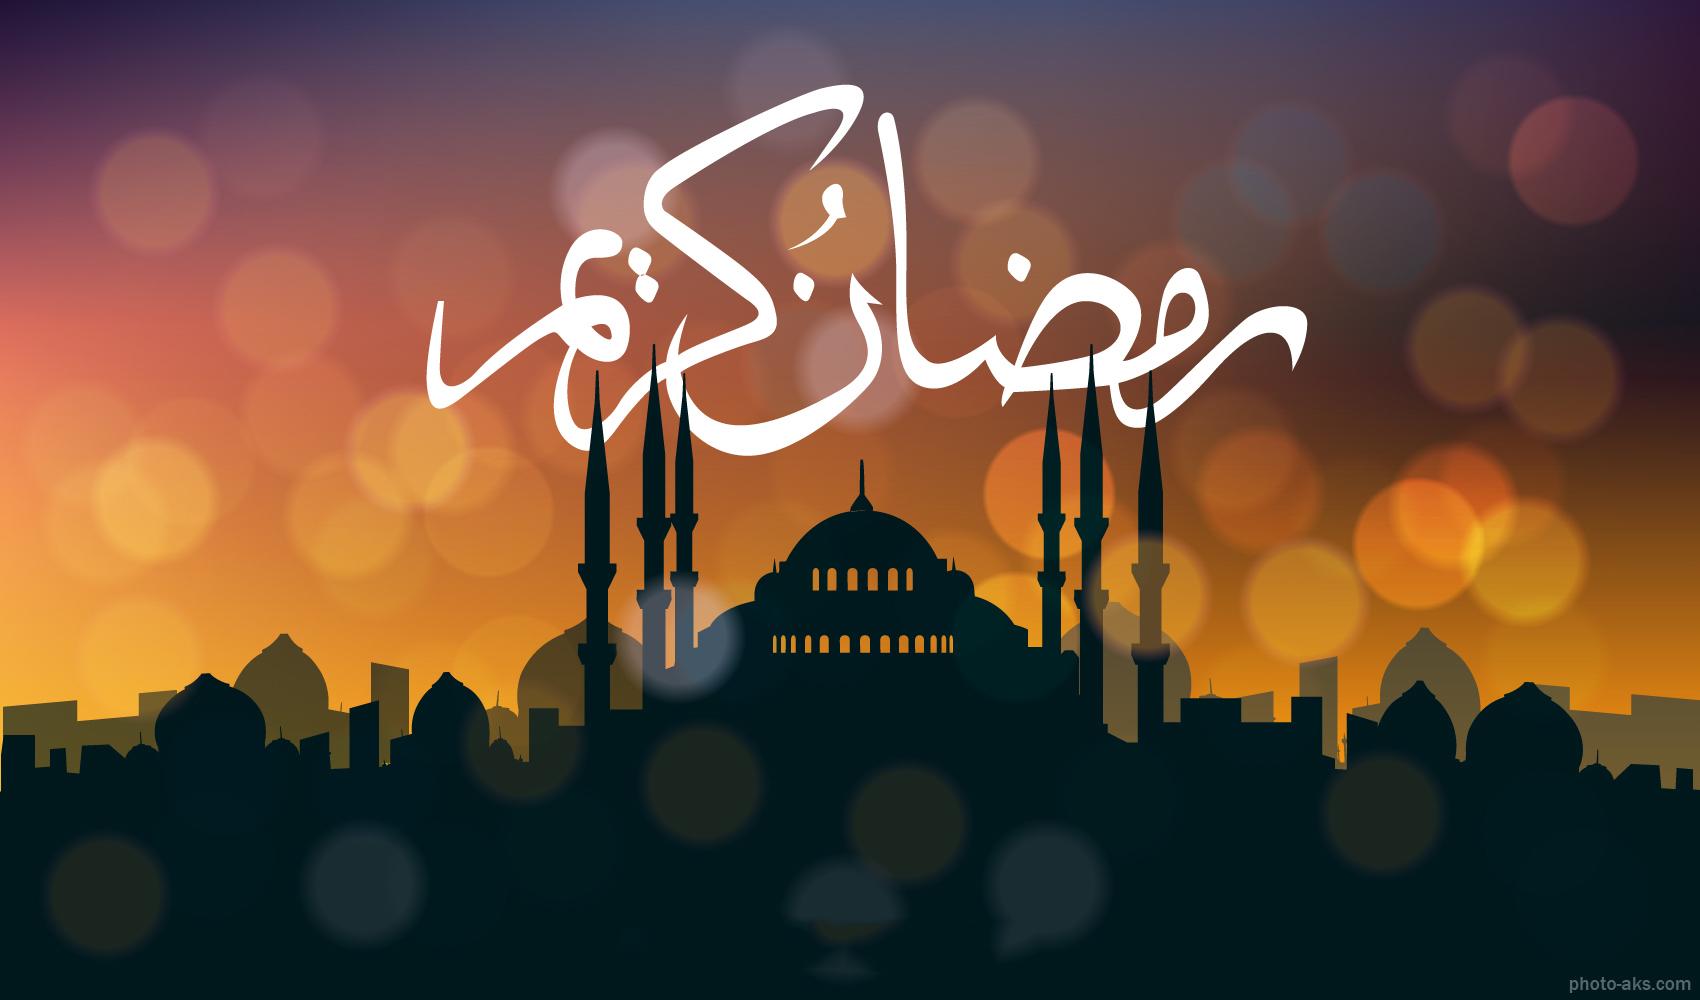 فرارسیدن ماه مبارک رمضان بر تمام مسلمانان مبارک باد